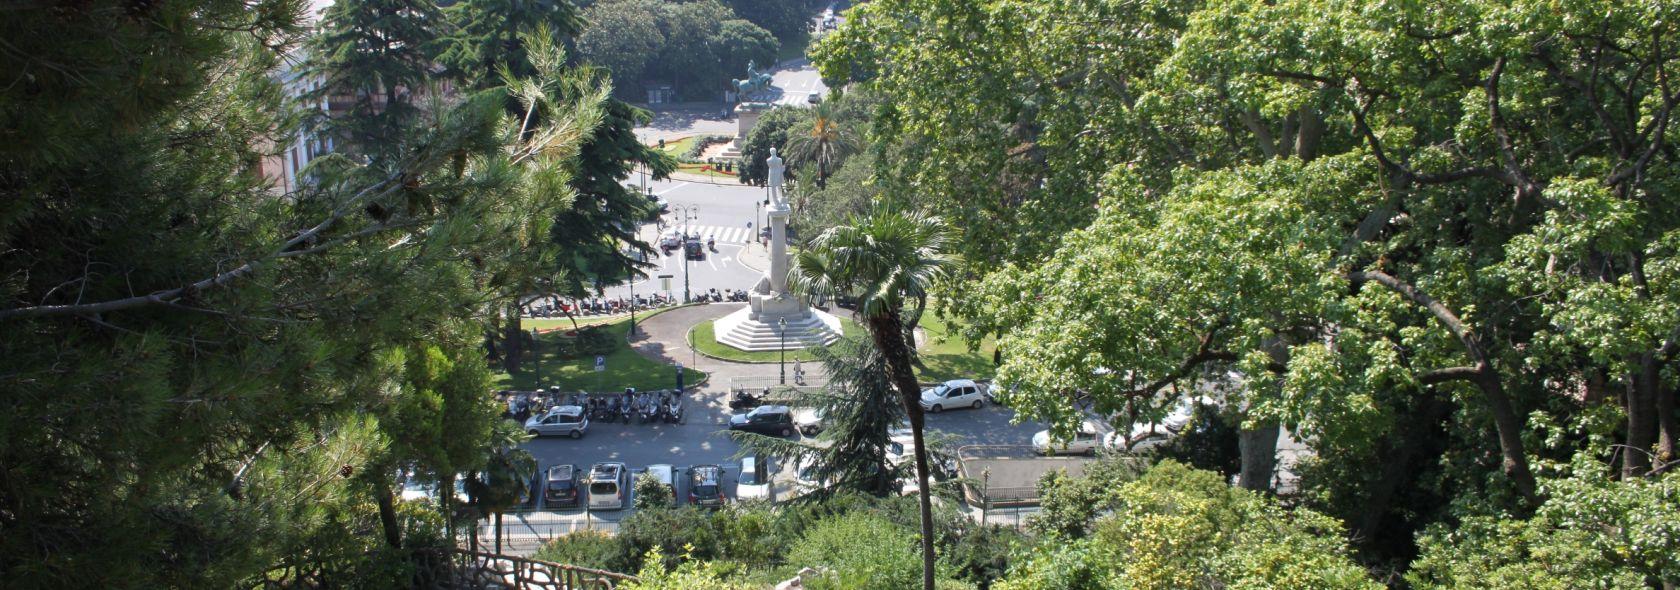 Villetta di Negro - panorama belvedere alto